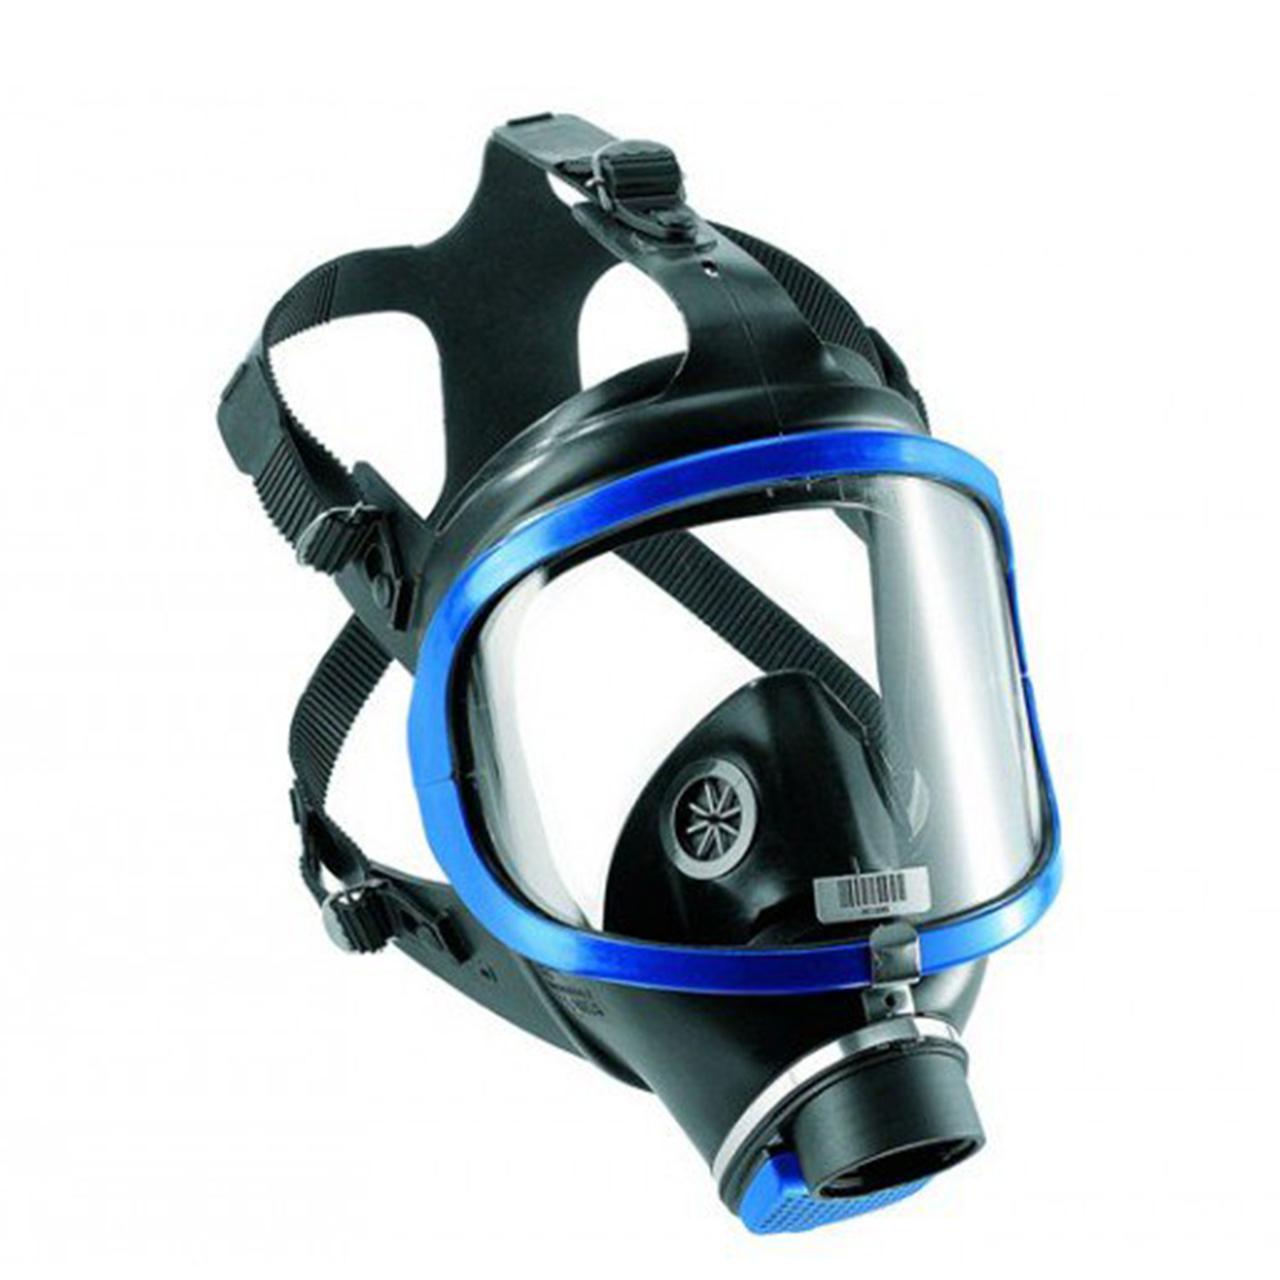 ماسک ایمنی دراگر مدل X-Plore 6300